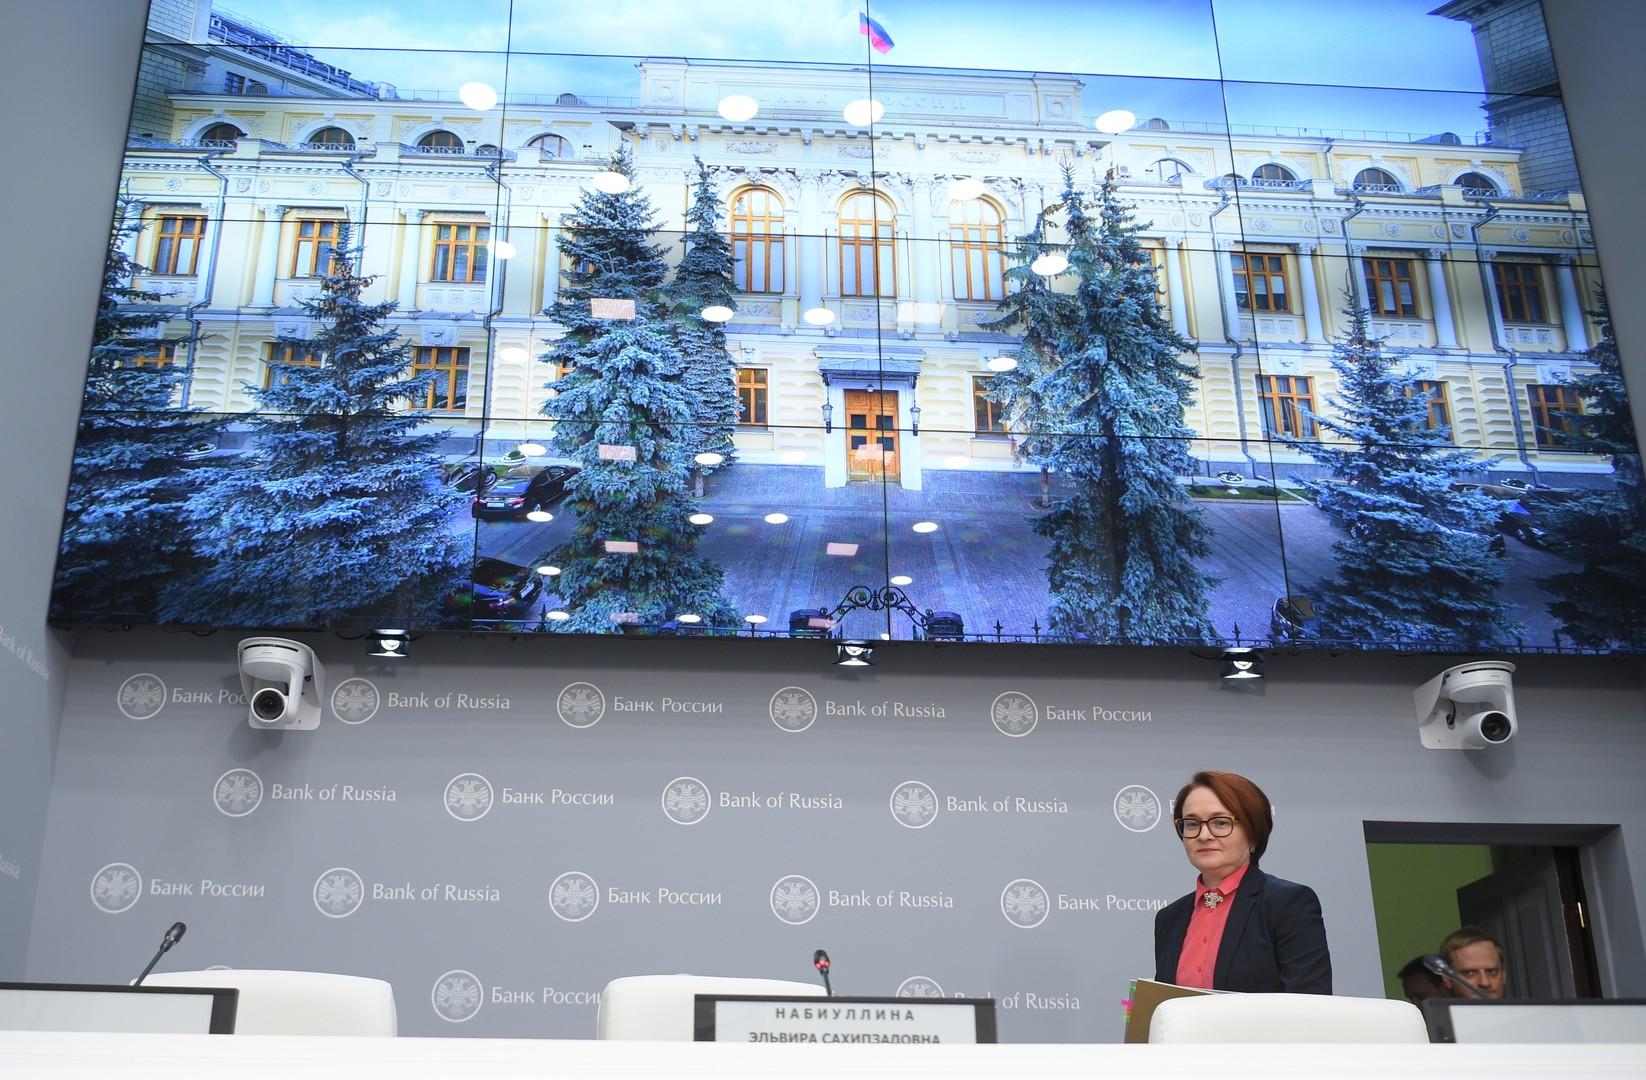 المركزي الروسي يبقي سعر الفائدة الرئيسي عند مستوى 7.75% style=